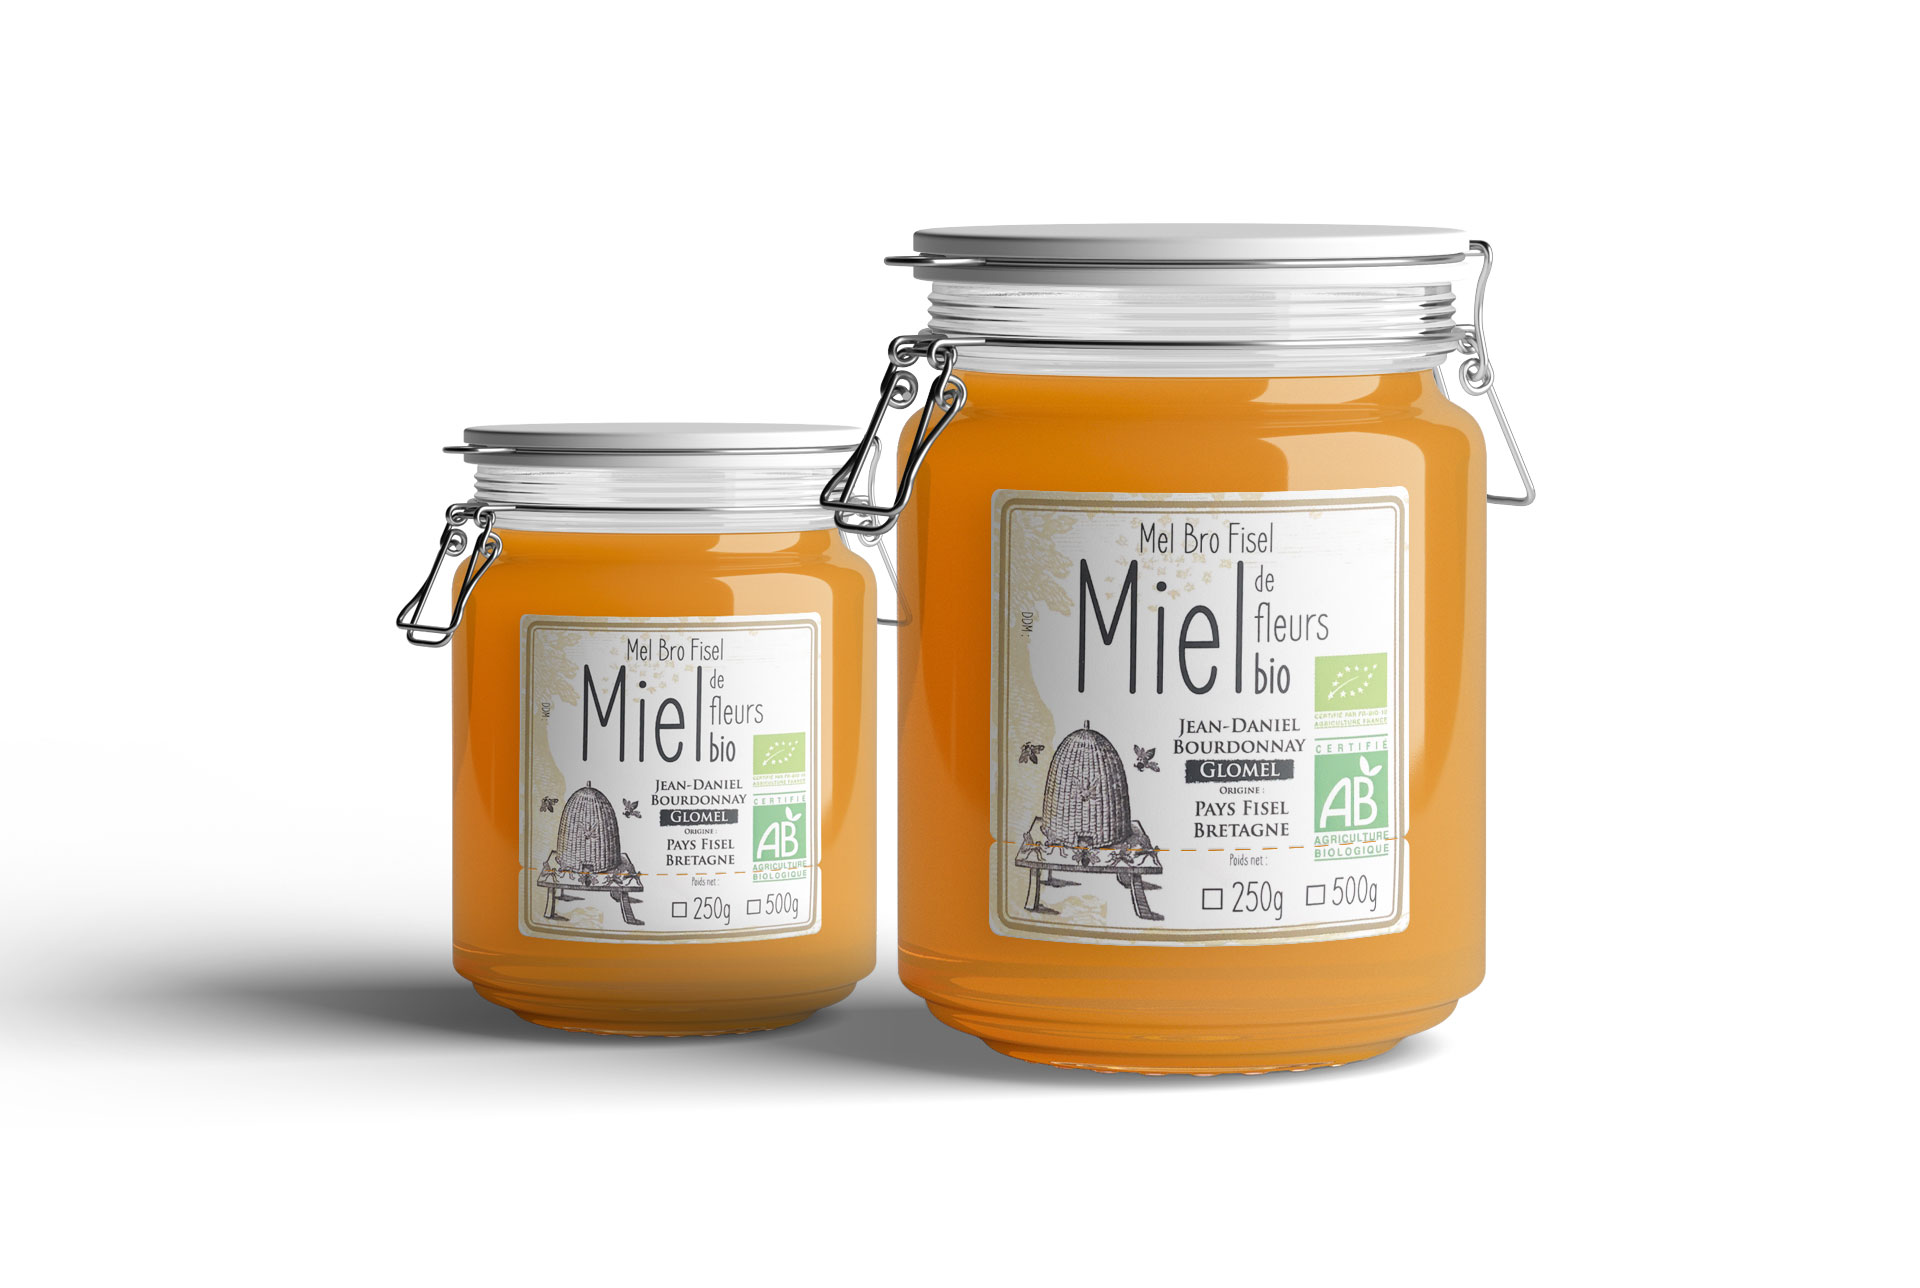 Etiquettes rouleaux adhésives agroalimentaire miel coqueliko roudenn Lannion